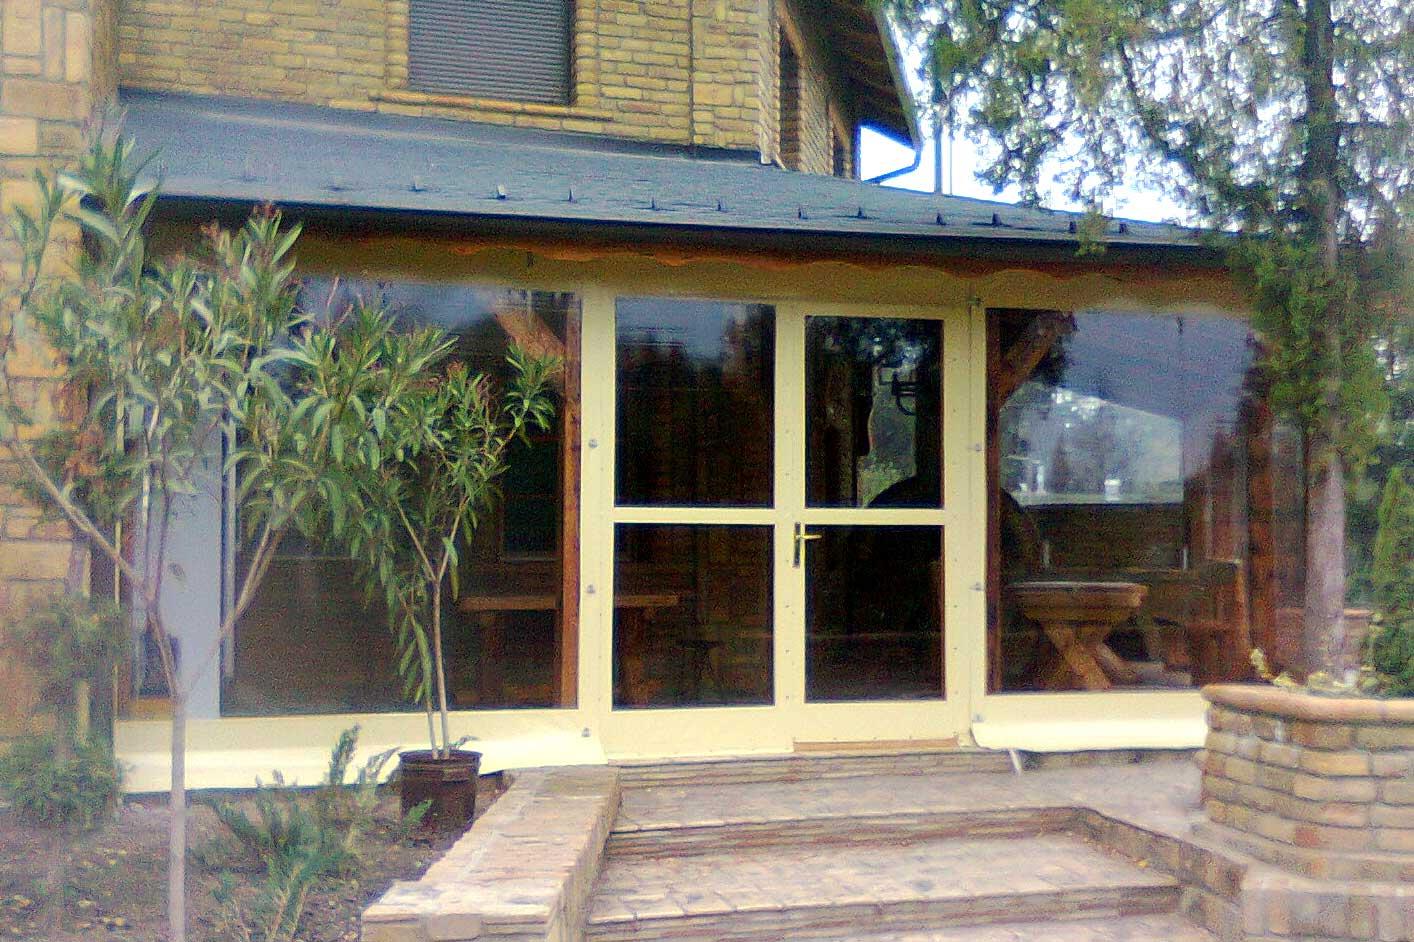 Jelovac cerade - Zatvaranje bašte - Zatvaranje zimsko letnjih bašta 12